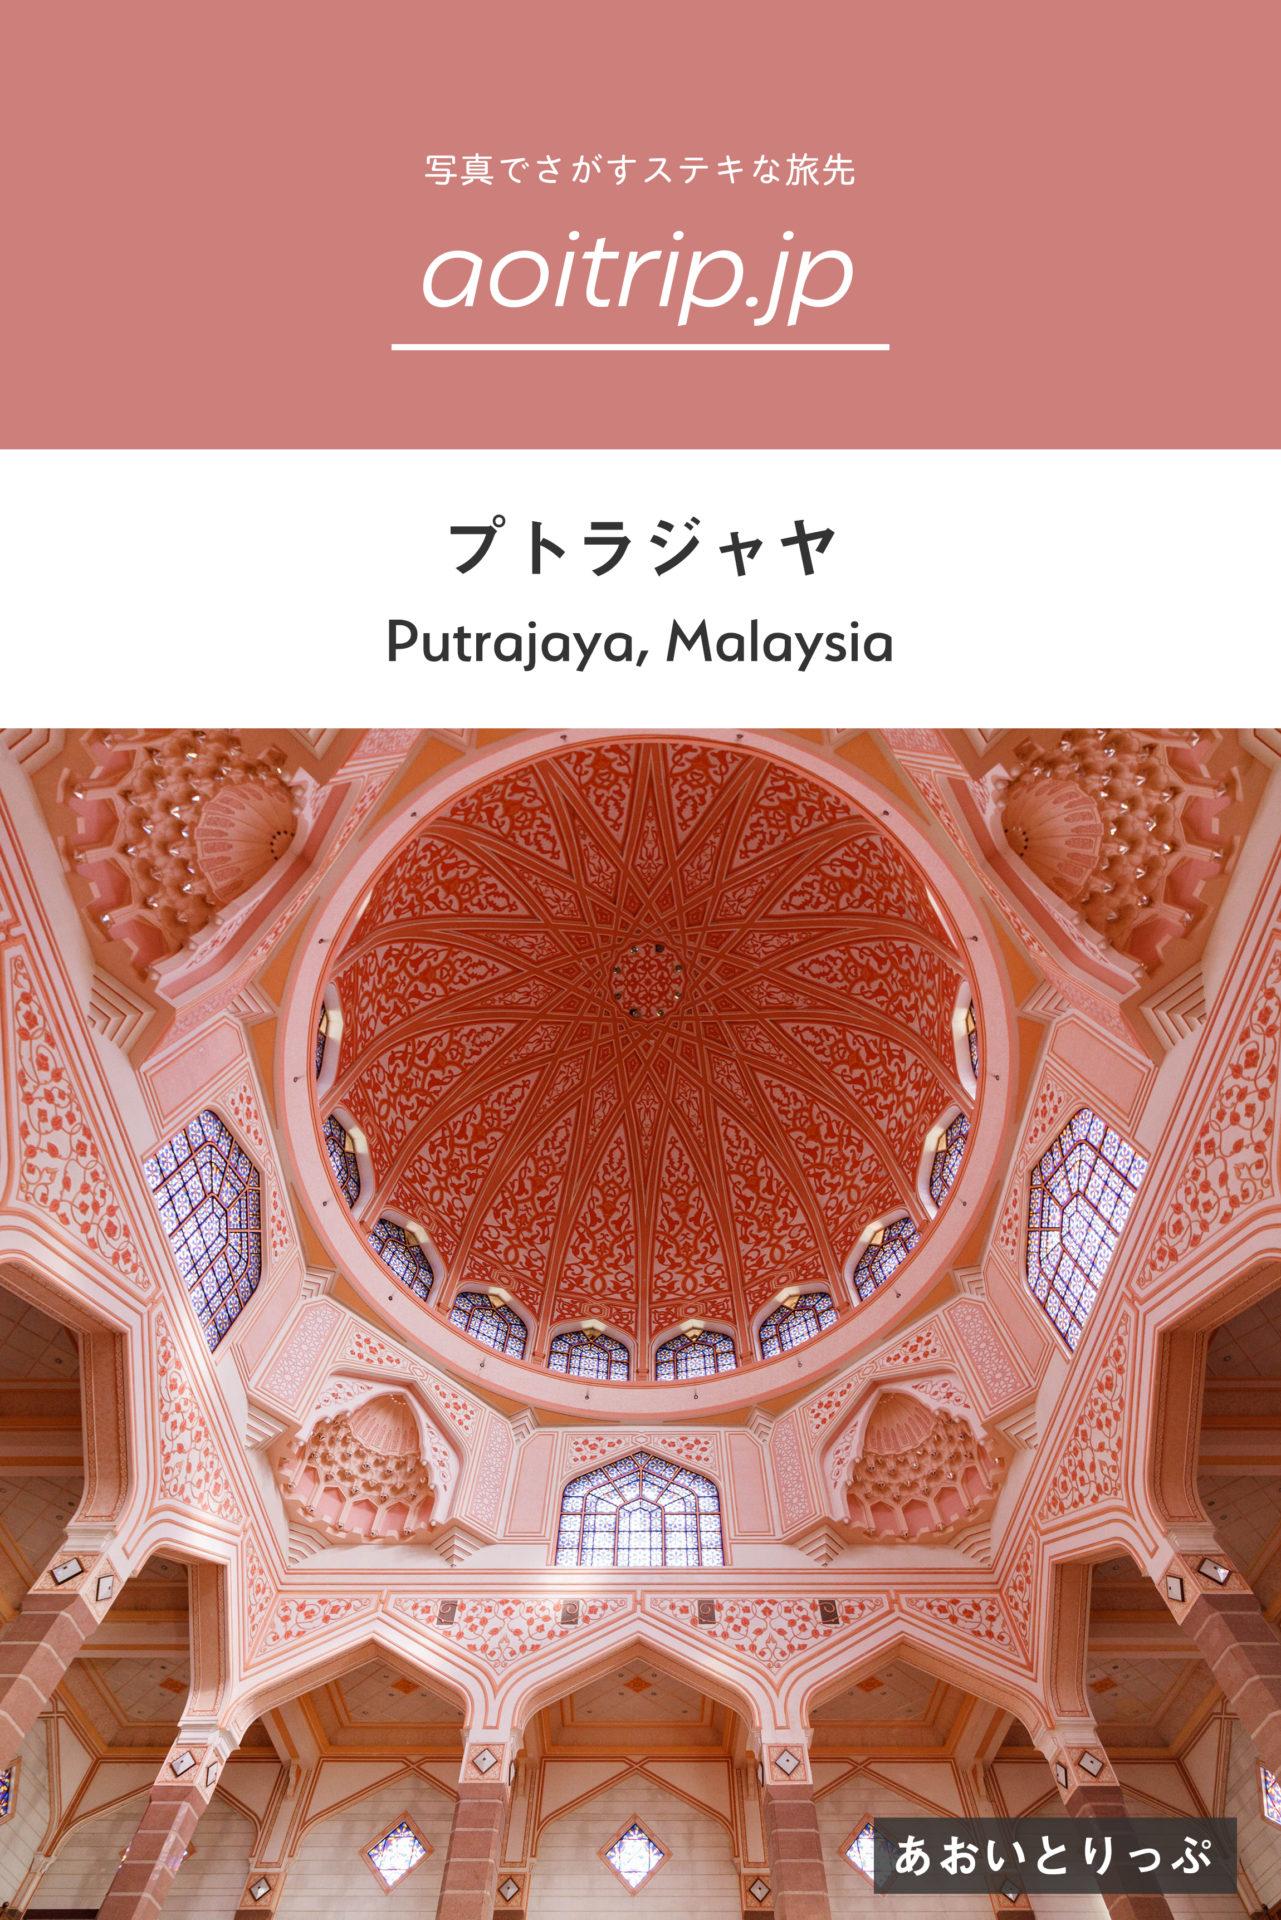 プトラジャヤ観光 バラ色花崗岩のピンクモスクほか、行き方まで(マレーシア) Putrajaya, Malaysia